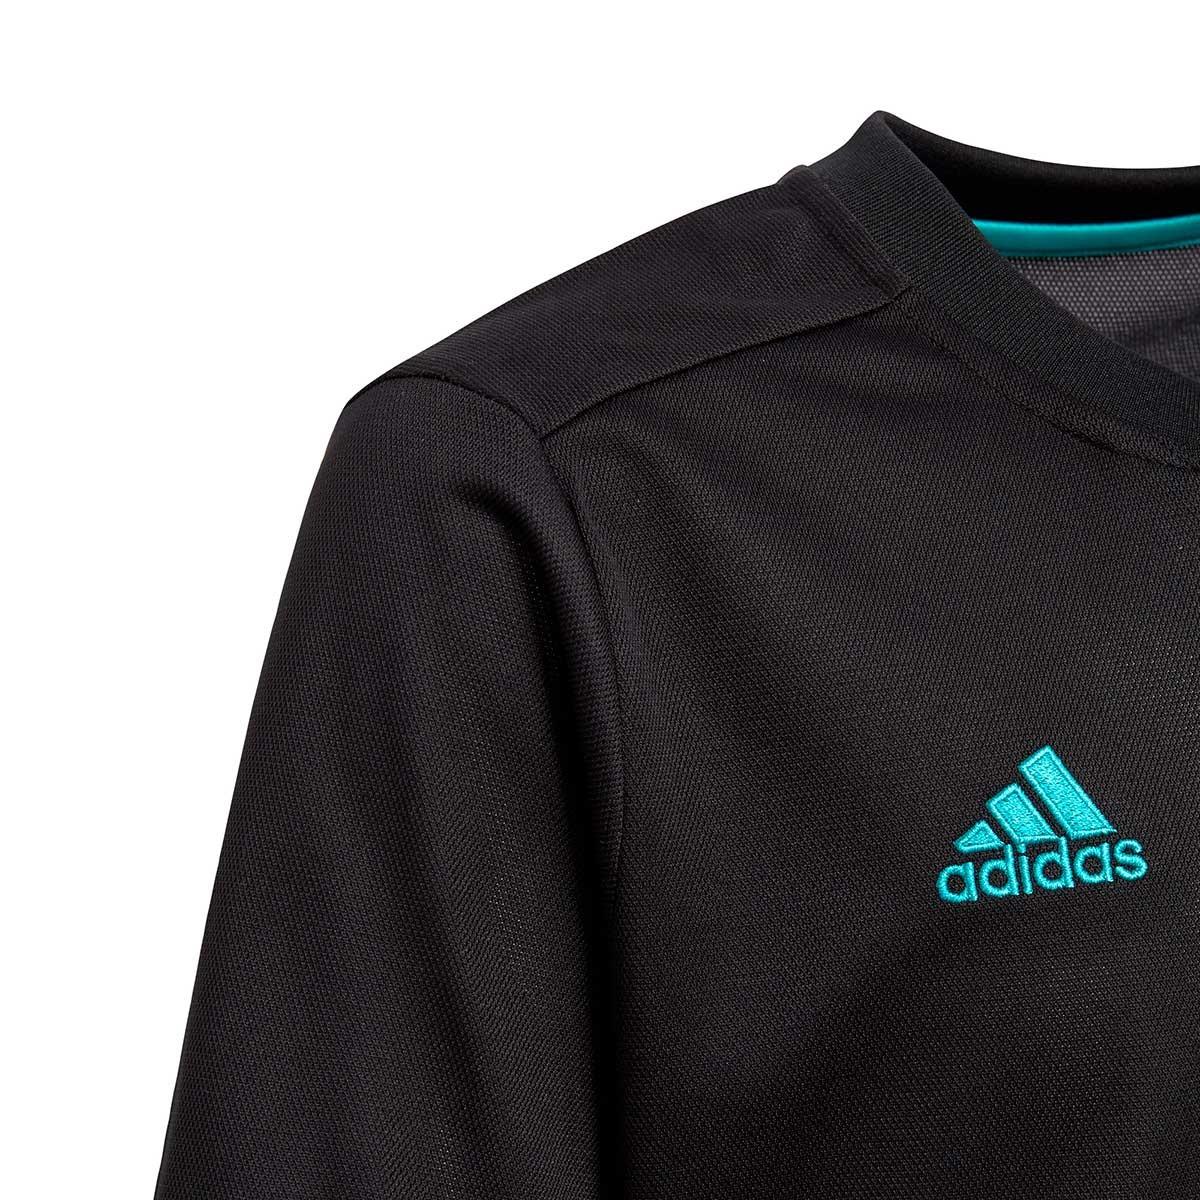 new style 45af1 02549 Camiseta Real Madrid Segunda Equipación 2017-2018 Niño Black-Aero reef